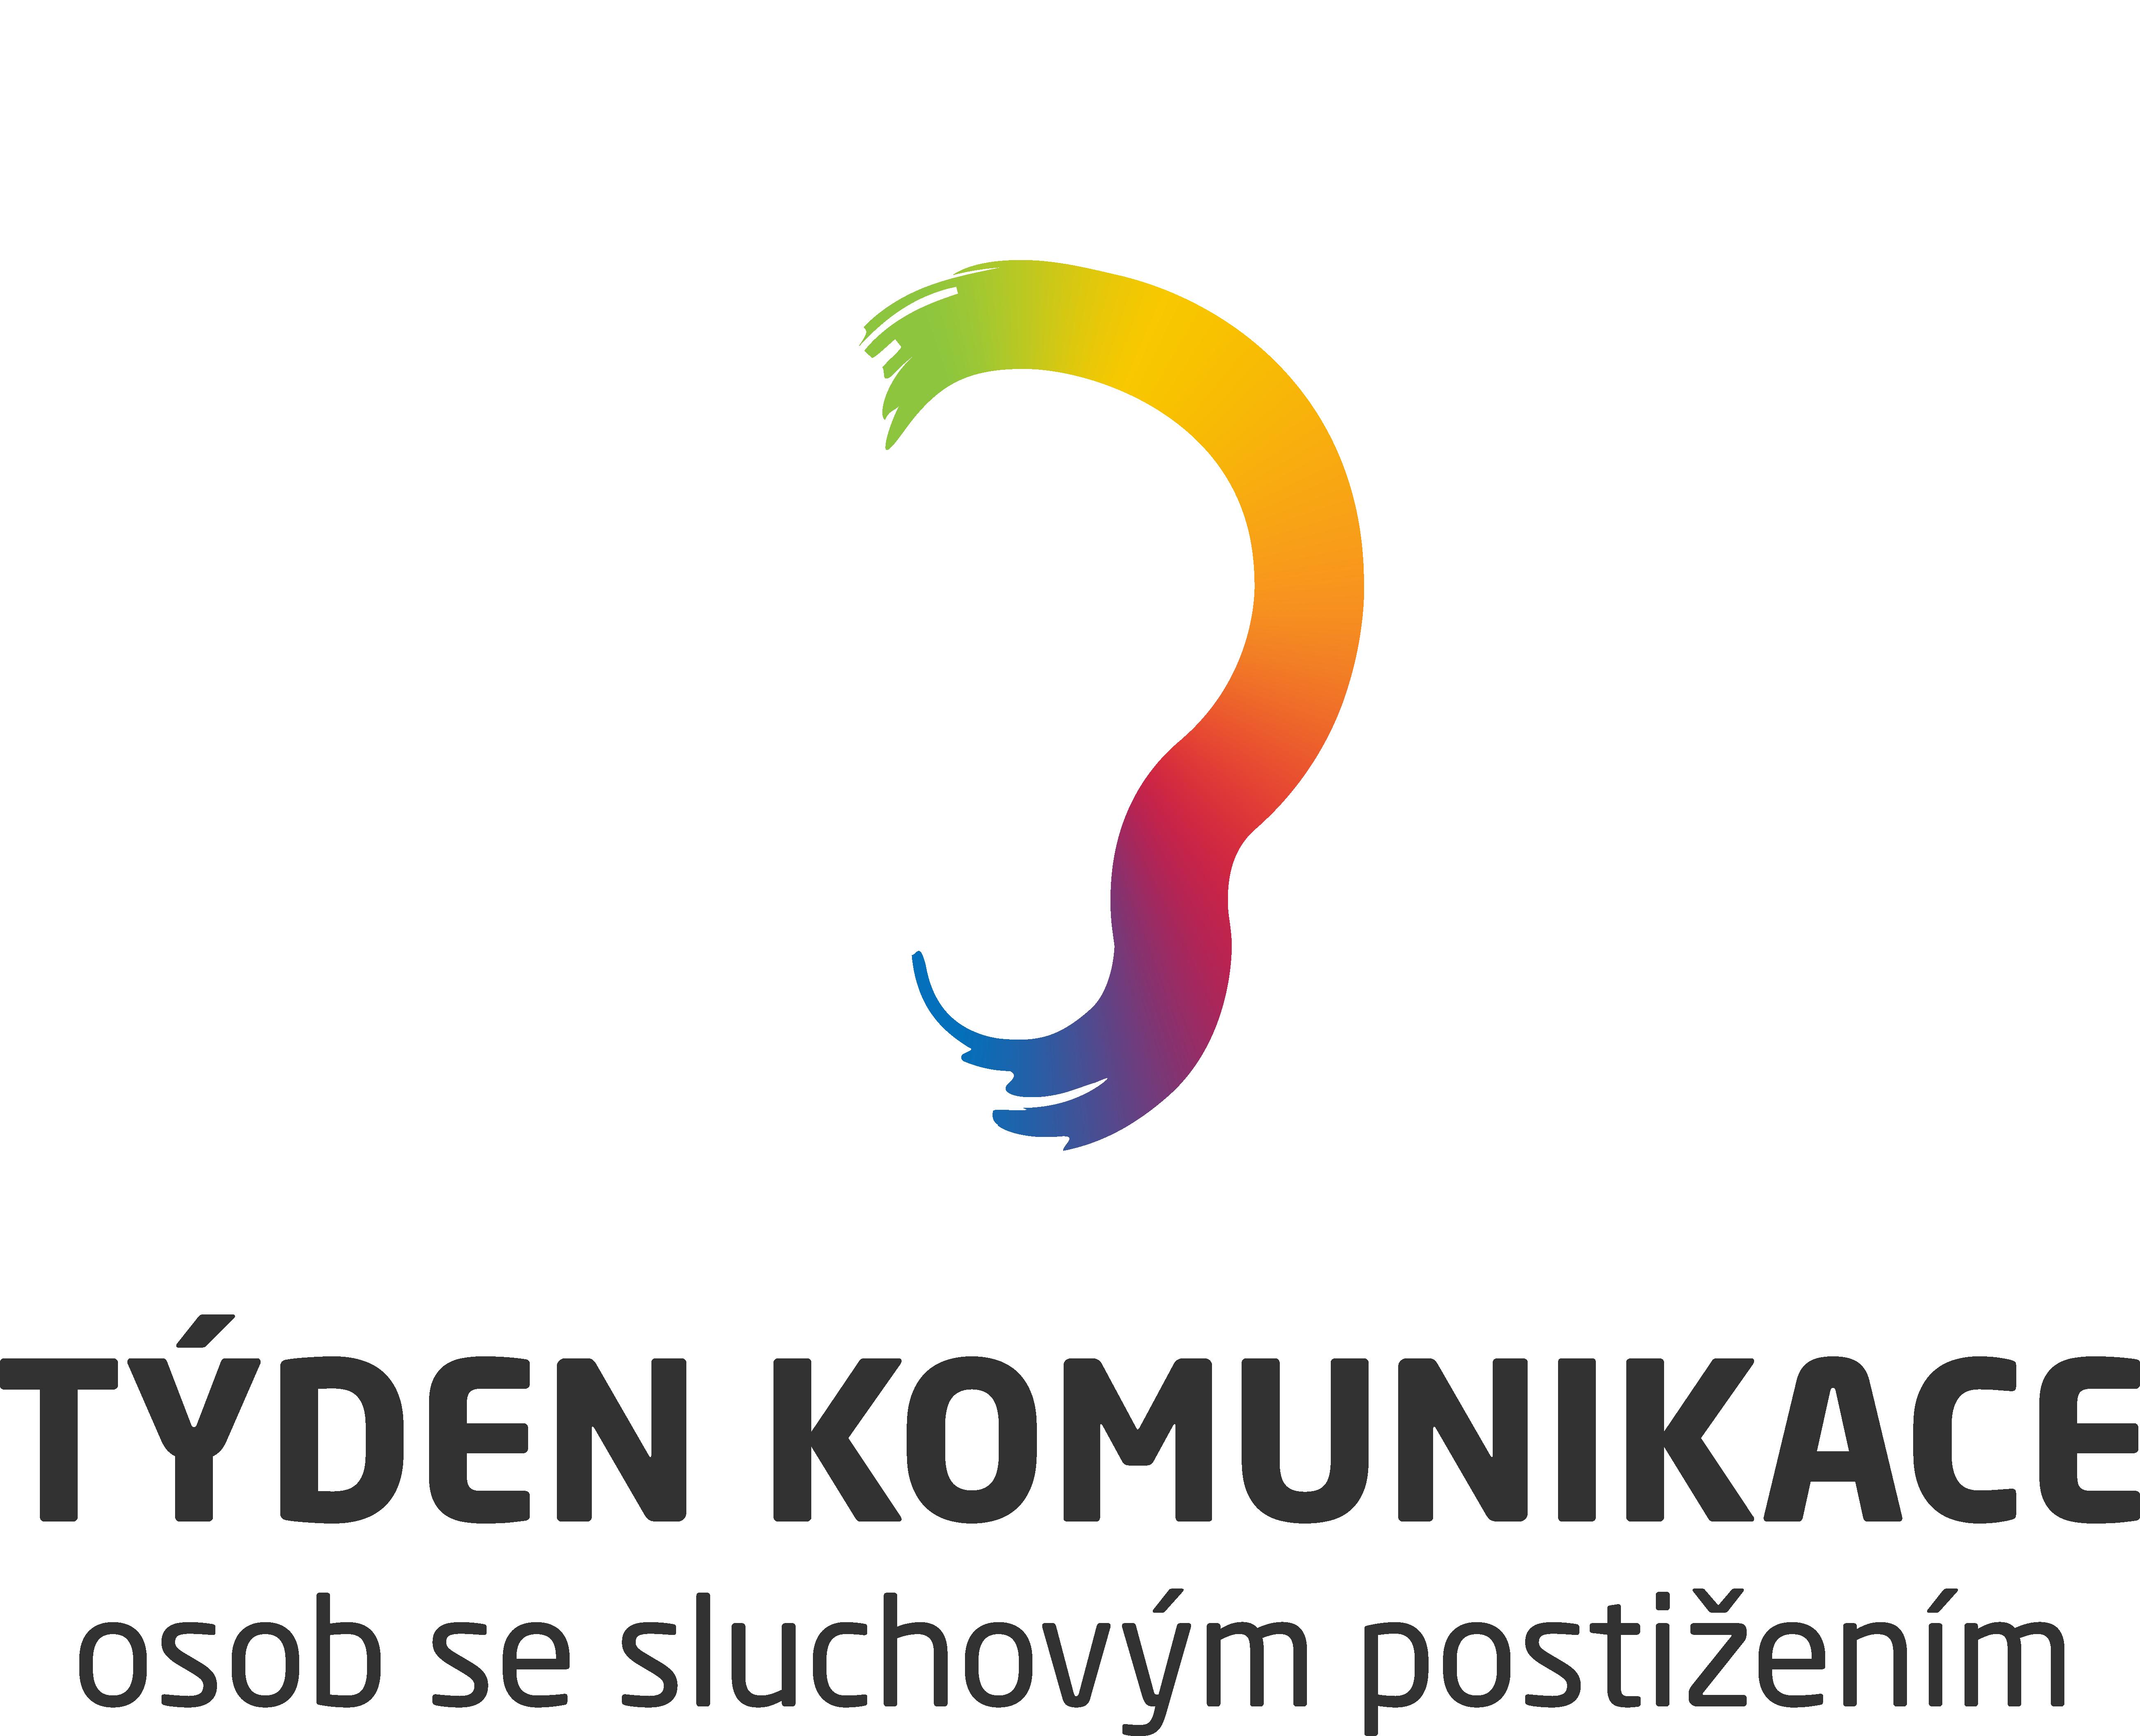 Týden komunikace logo